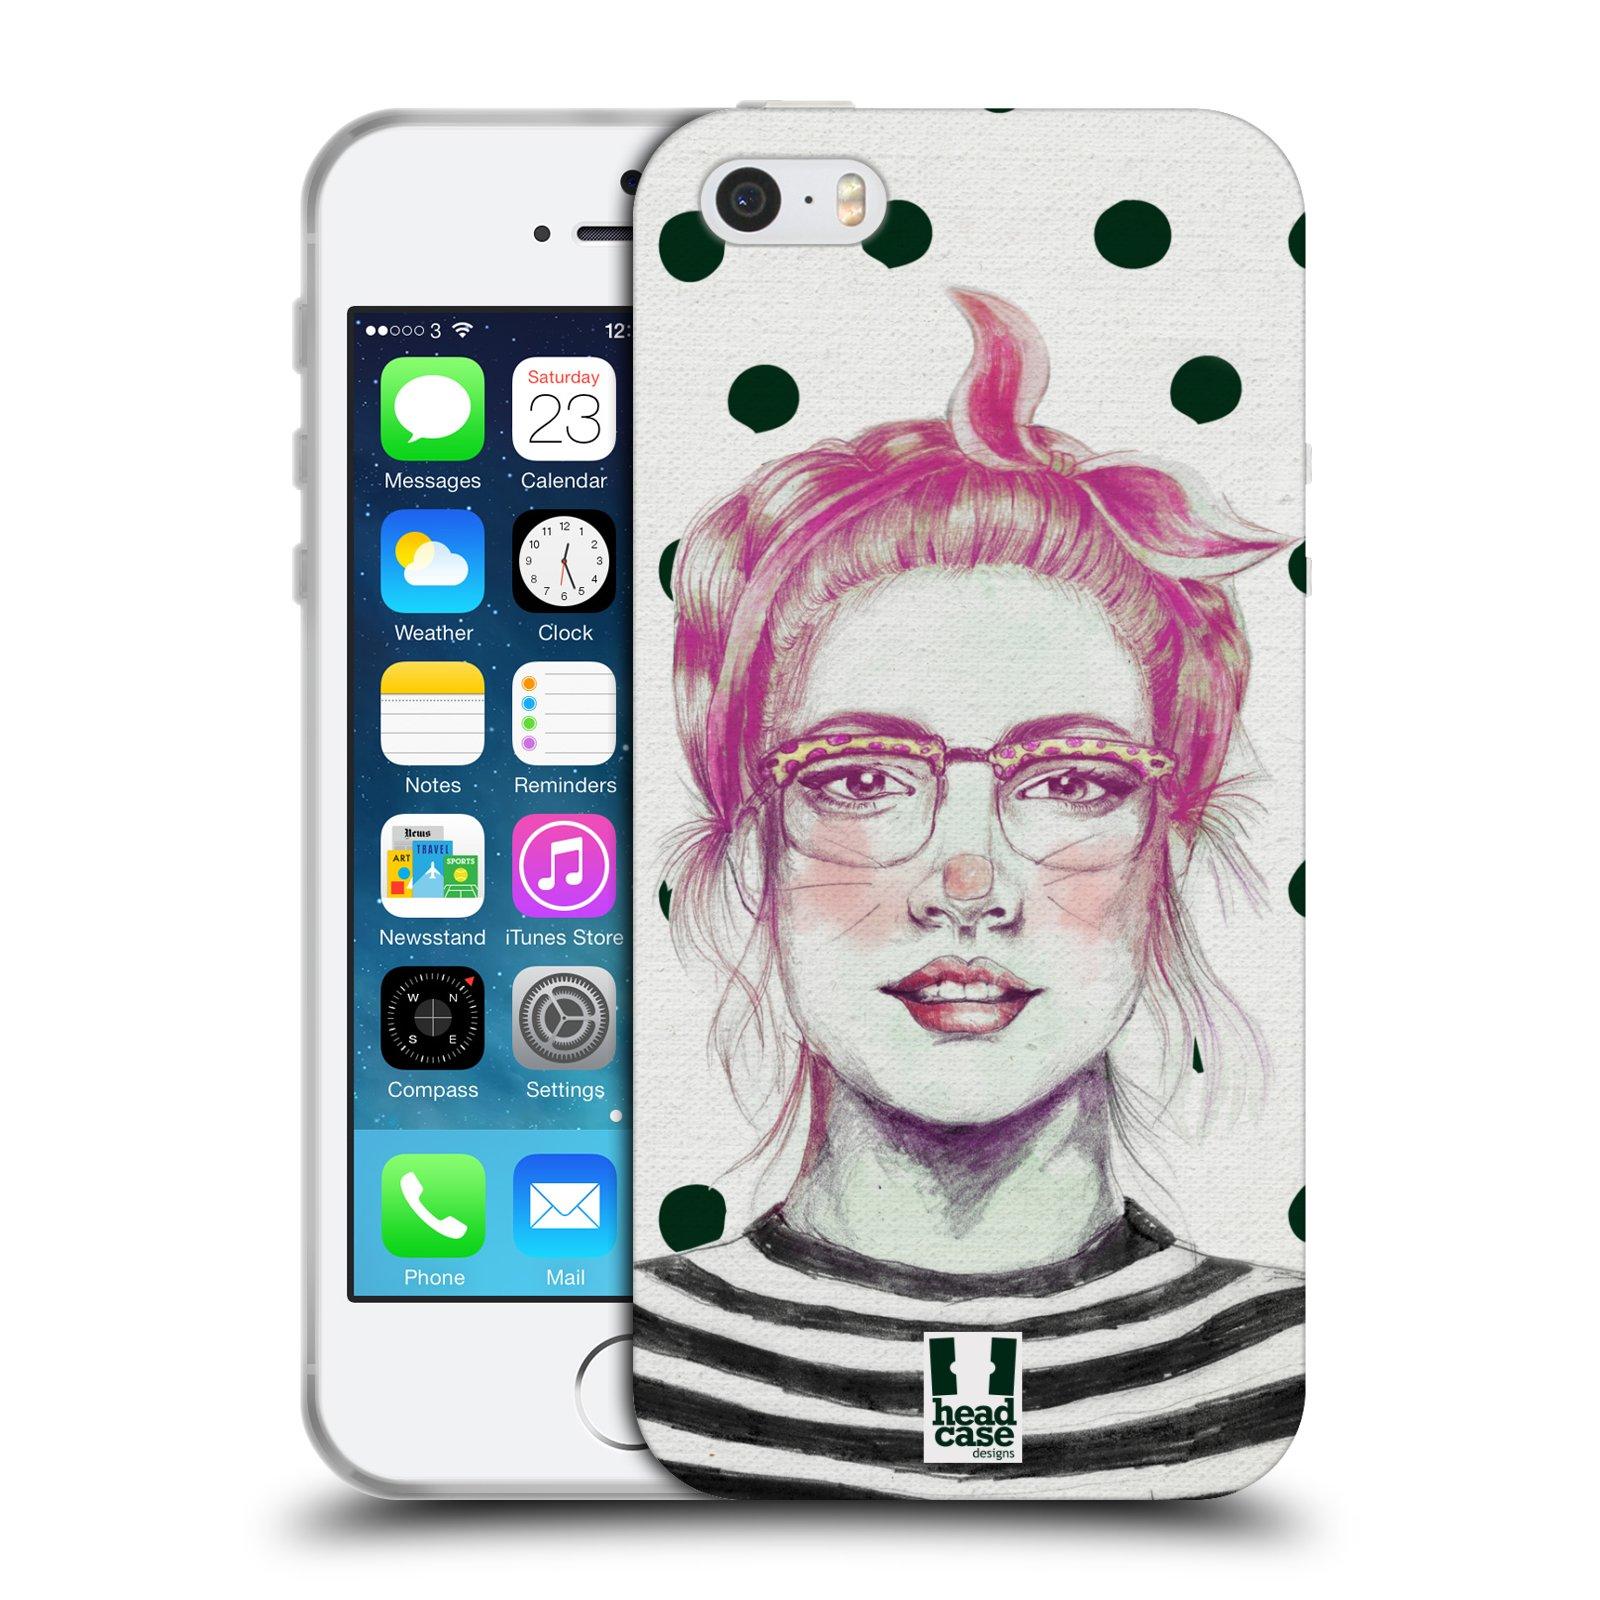 HEAD CASE silikonový obal na mobil Apple Iphone 5/5S vzor Děvče zvířecí tématika zajíček puntíky